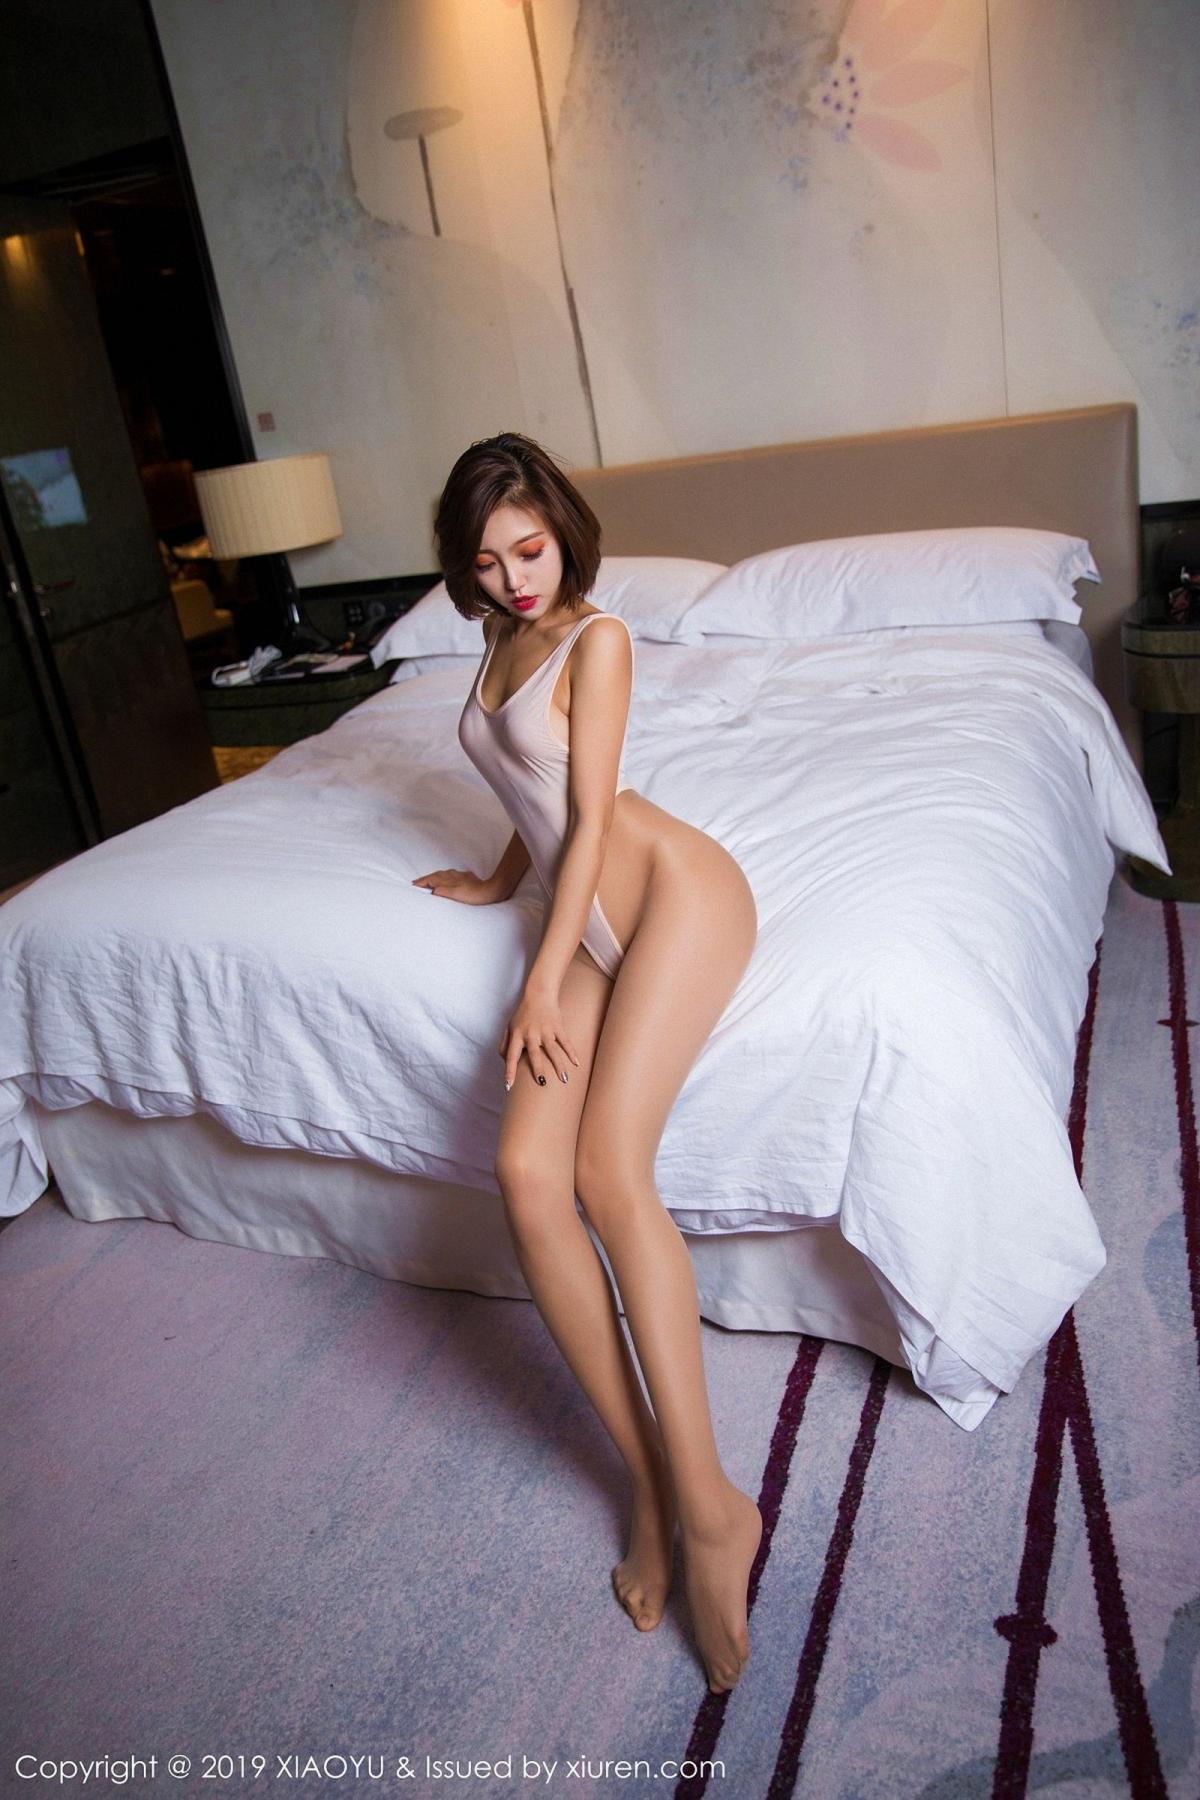 [XiaoYu] Vol.021 Feng Mu Mu 1P, Feng Mu Mu, Tall, XiaoYu